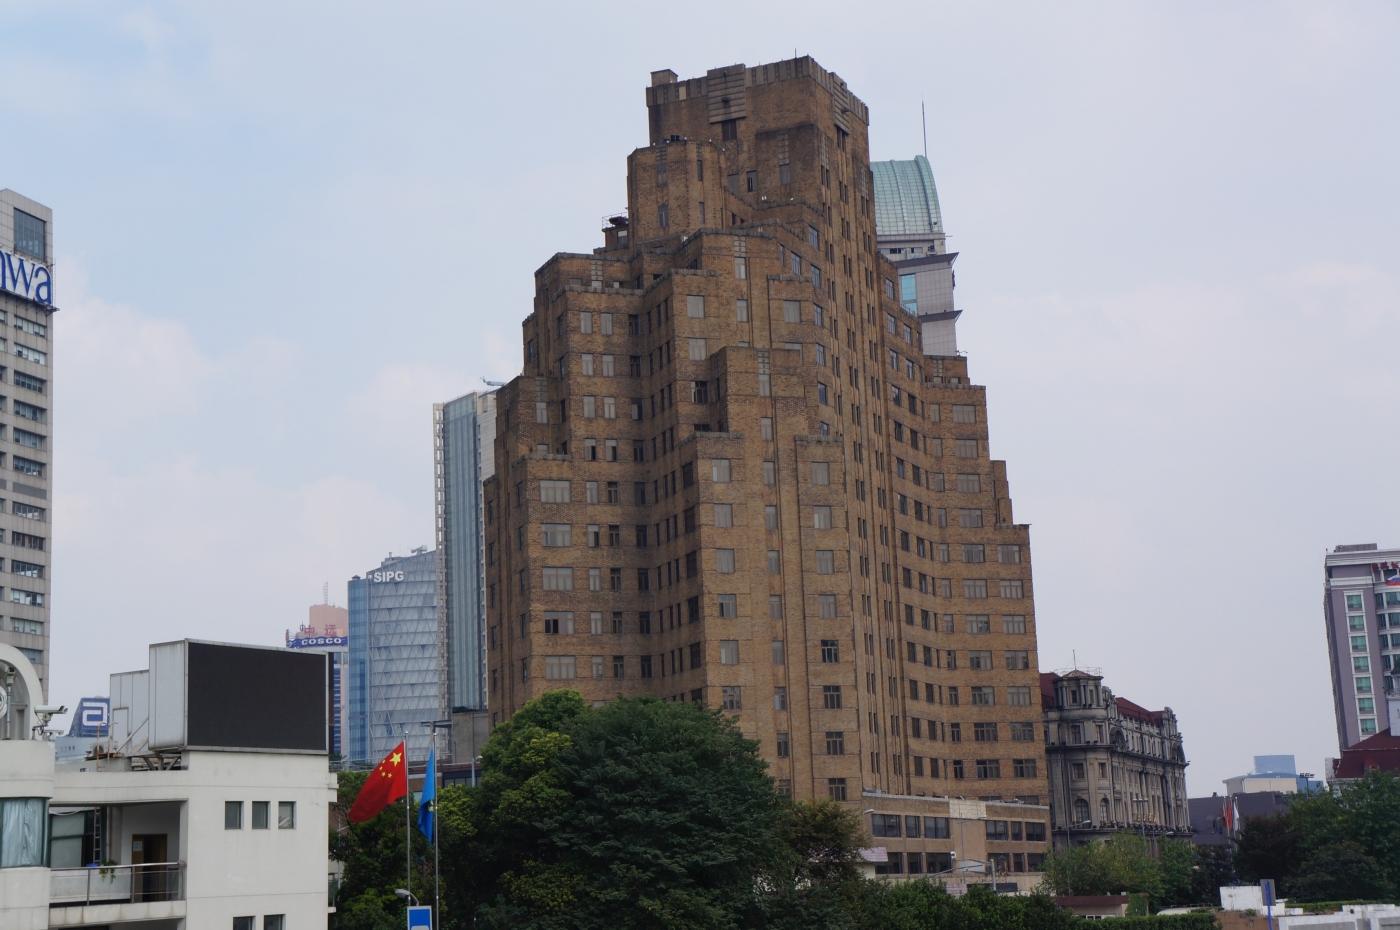 上海北苏州路20号.上海大厦(摄影原创)_图1-1